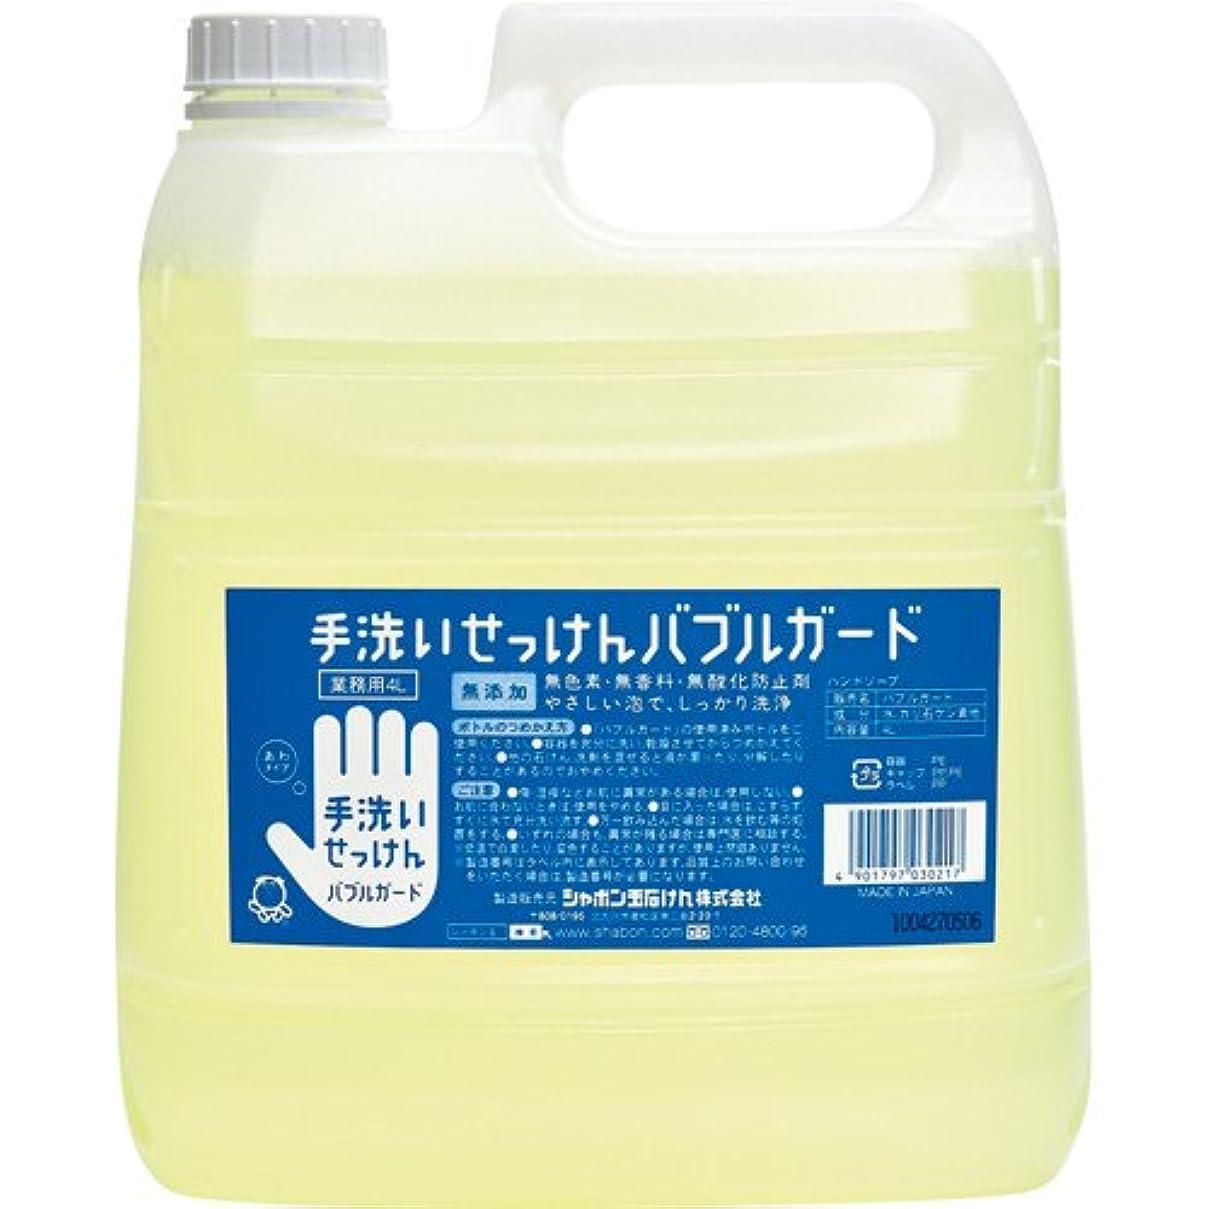 接触ばかげている補充[シャボン玉石けん 1692542] (ケア商品)手洗いせっけん バブルガード 泡タイプ 業務用 4L